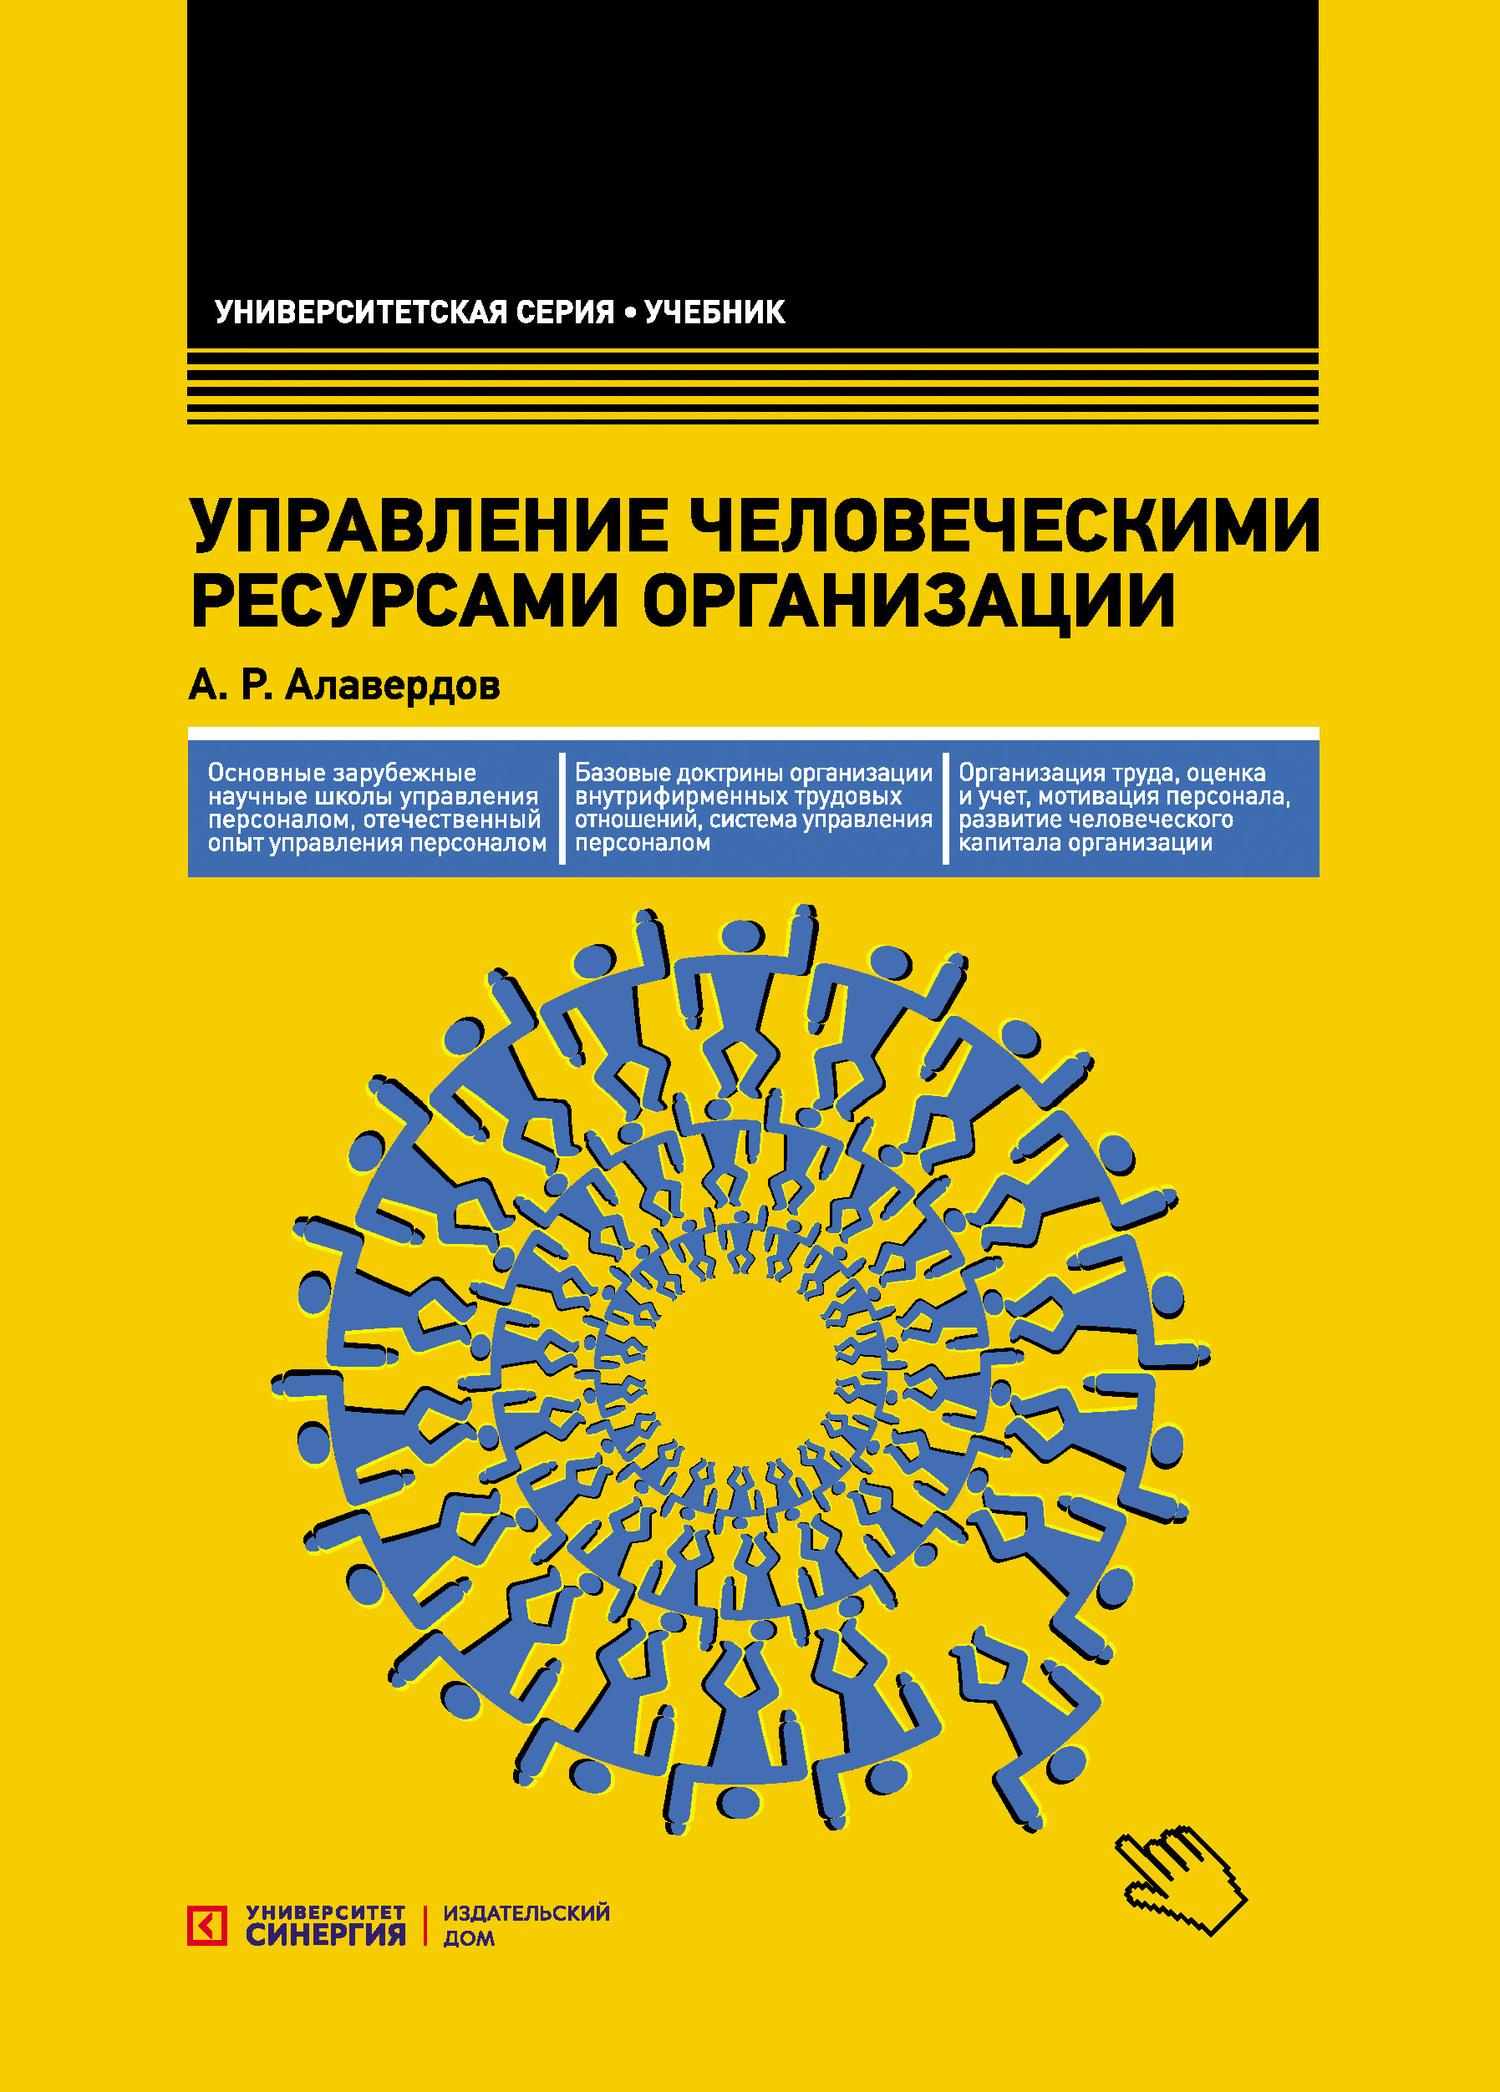 Обложка книги. Автор - Ашот Алавердов